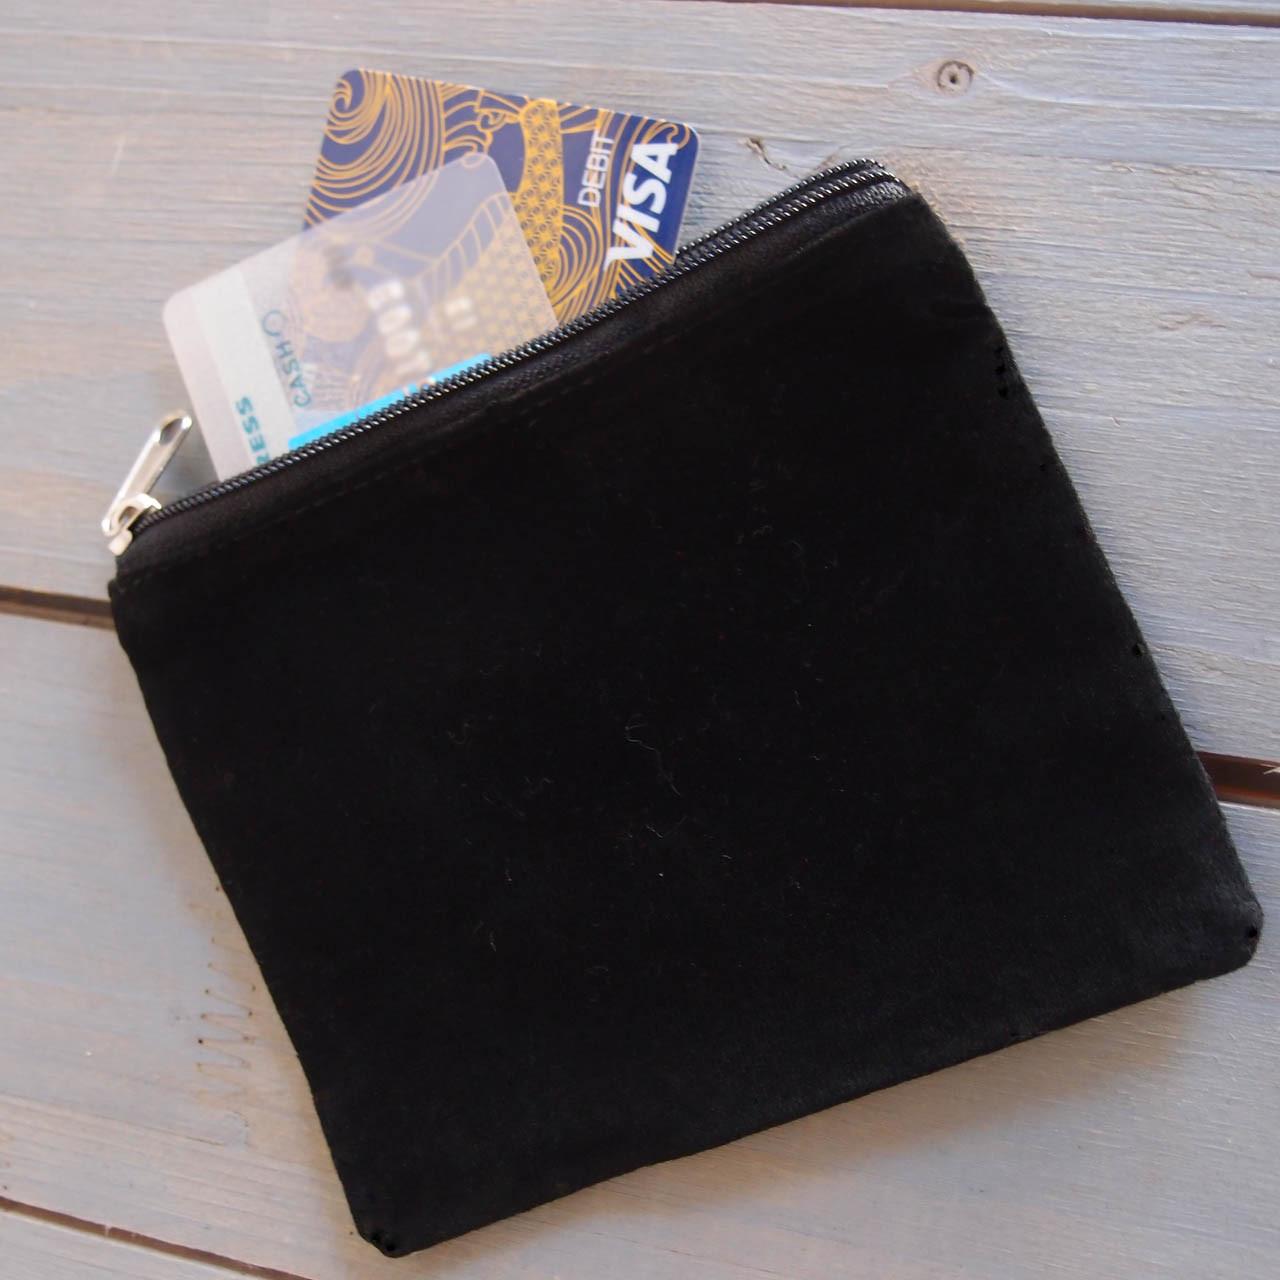 Black Velvet with Black Zippered Bag (3 sizes)